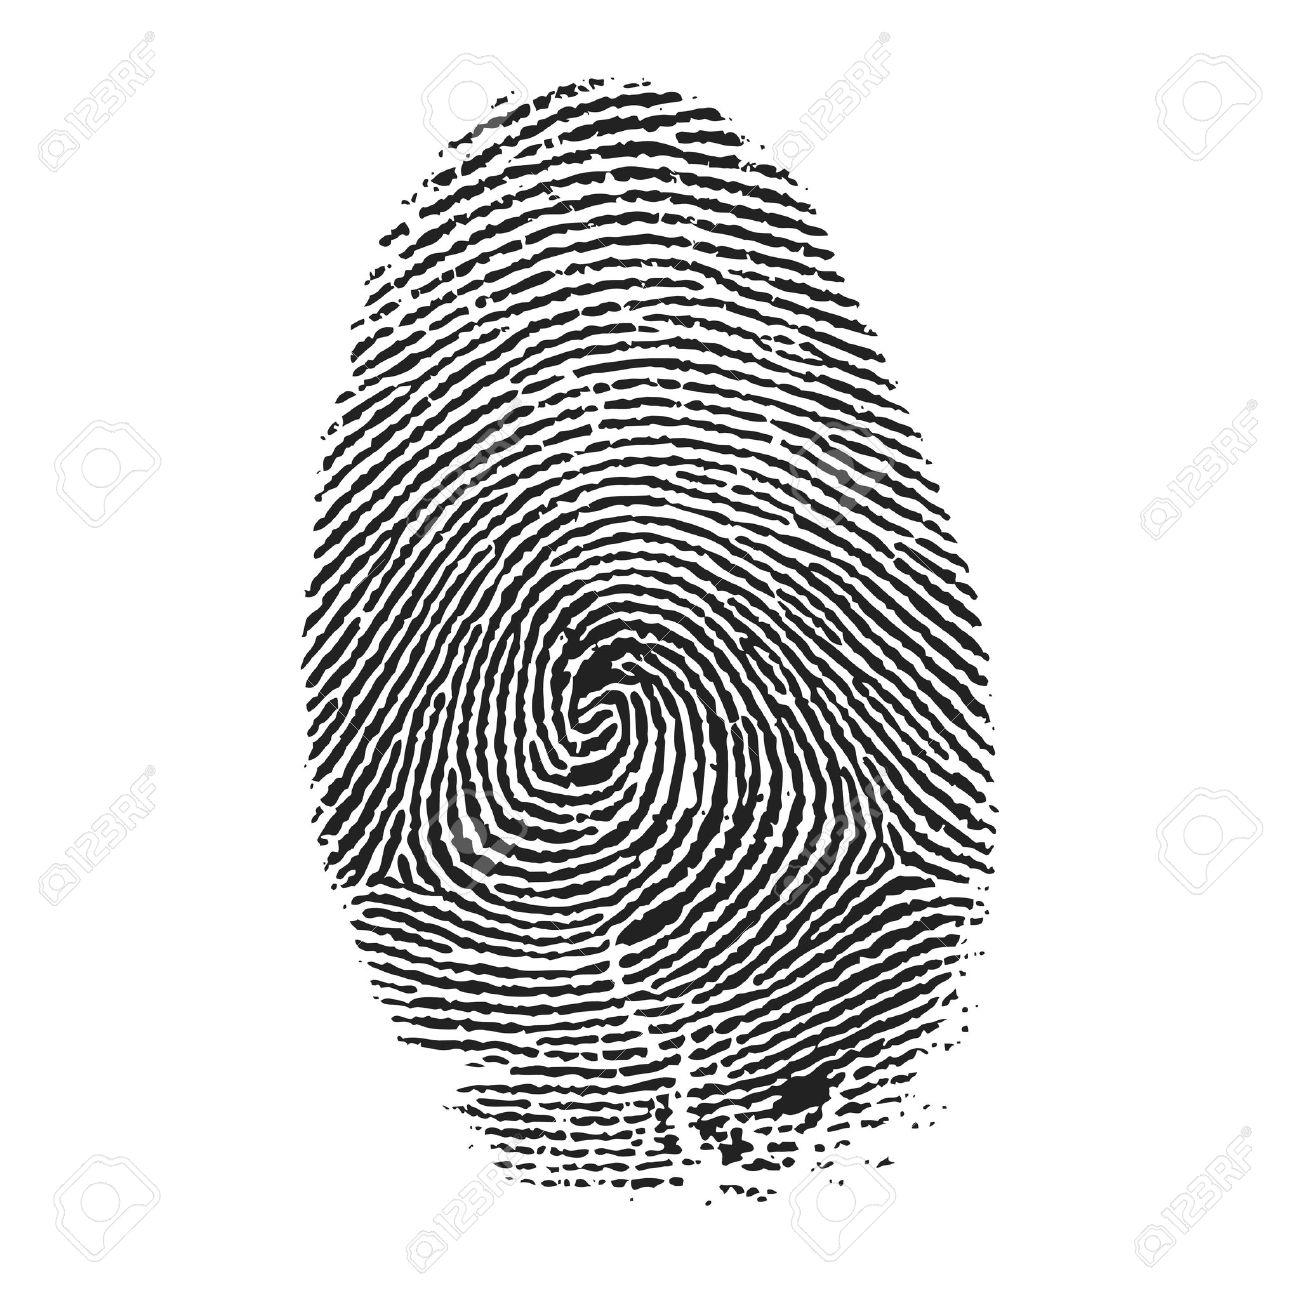 fingerprint vector royalty free cliparts vectors and stock rh 123rf com fingerprinting victoria texas fingerprint vector free download